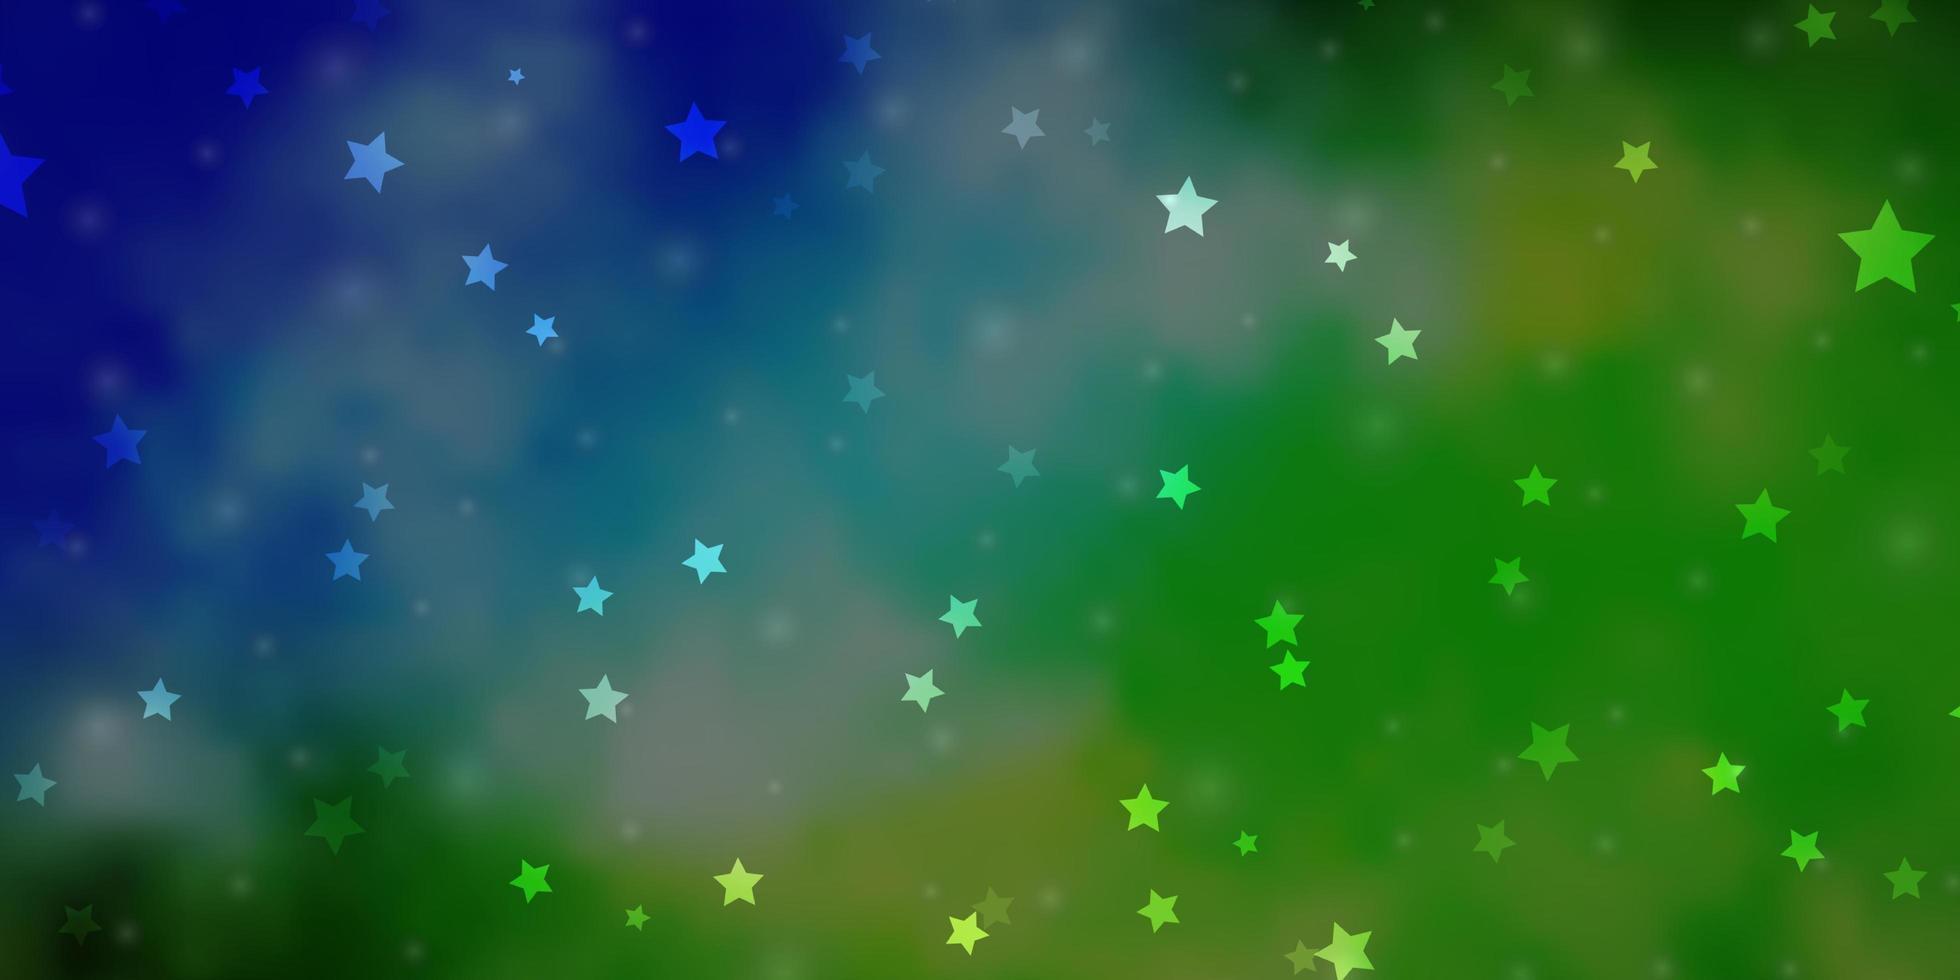 layout de vetor de azul claro e verde com estrelas brilhantes.